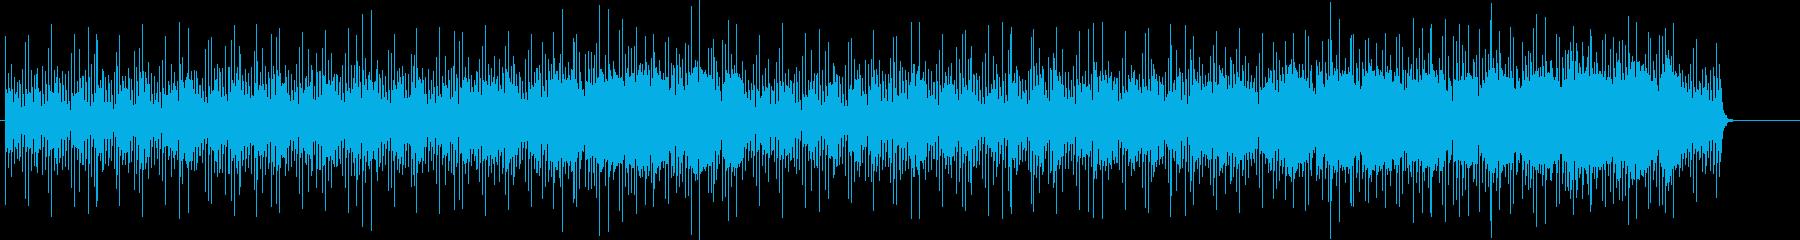 リゾート情報向けポップ/BGの再生済みの波形